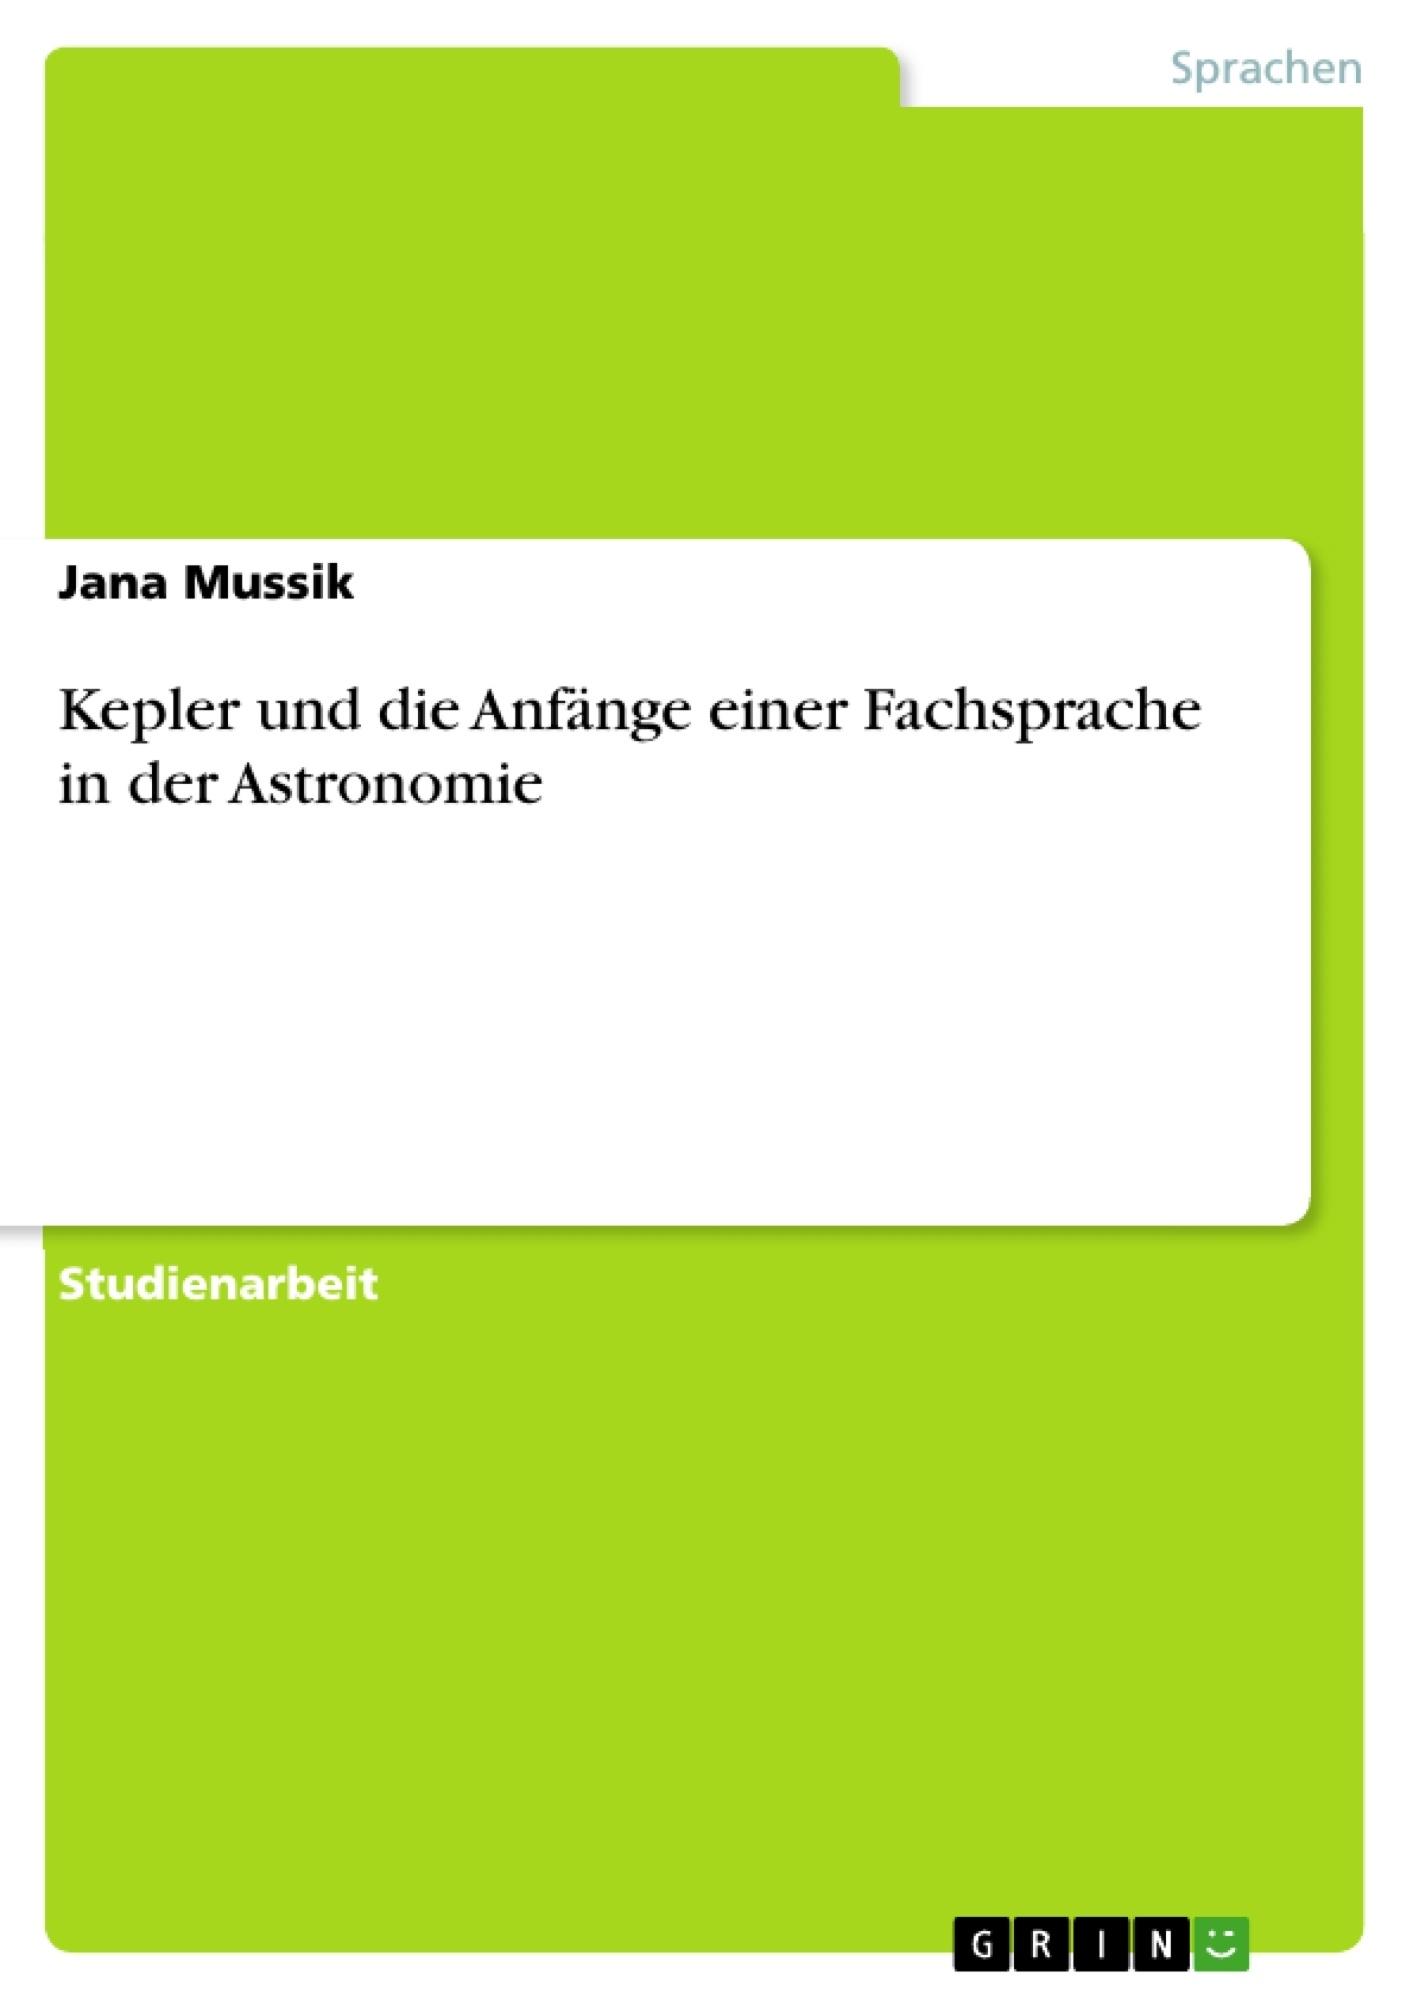 Titel: Kepler und die Anfänge einer Fachsprache in der Astronomie